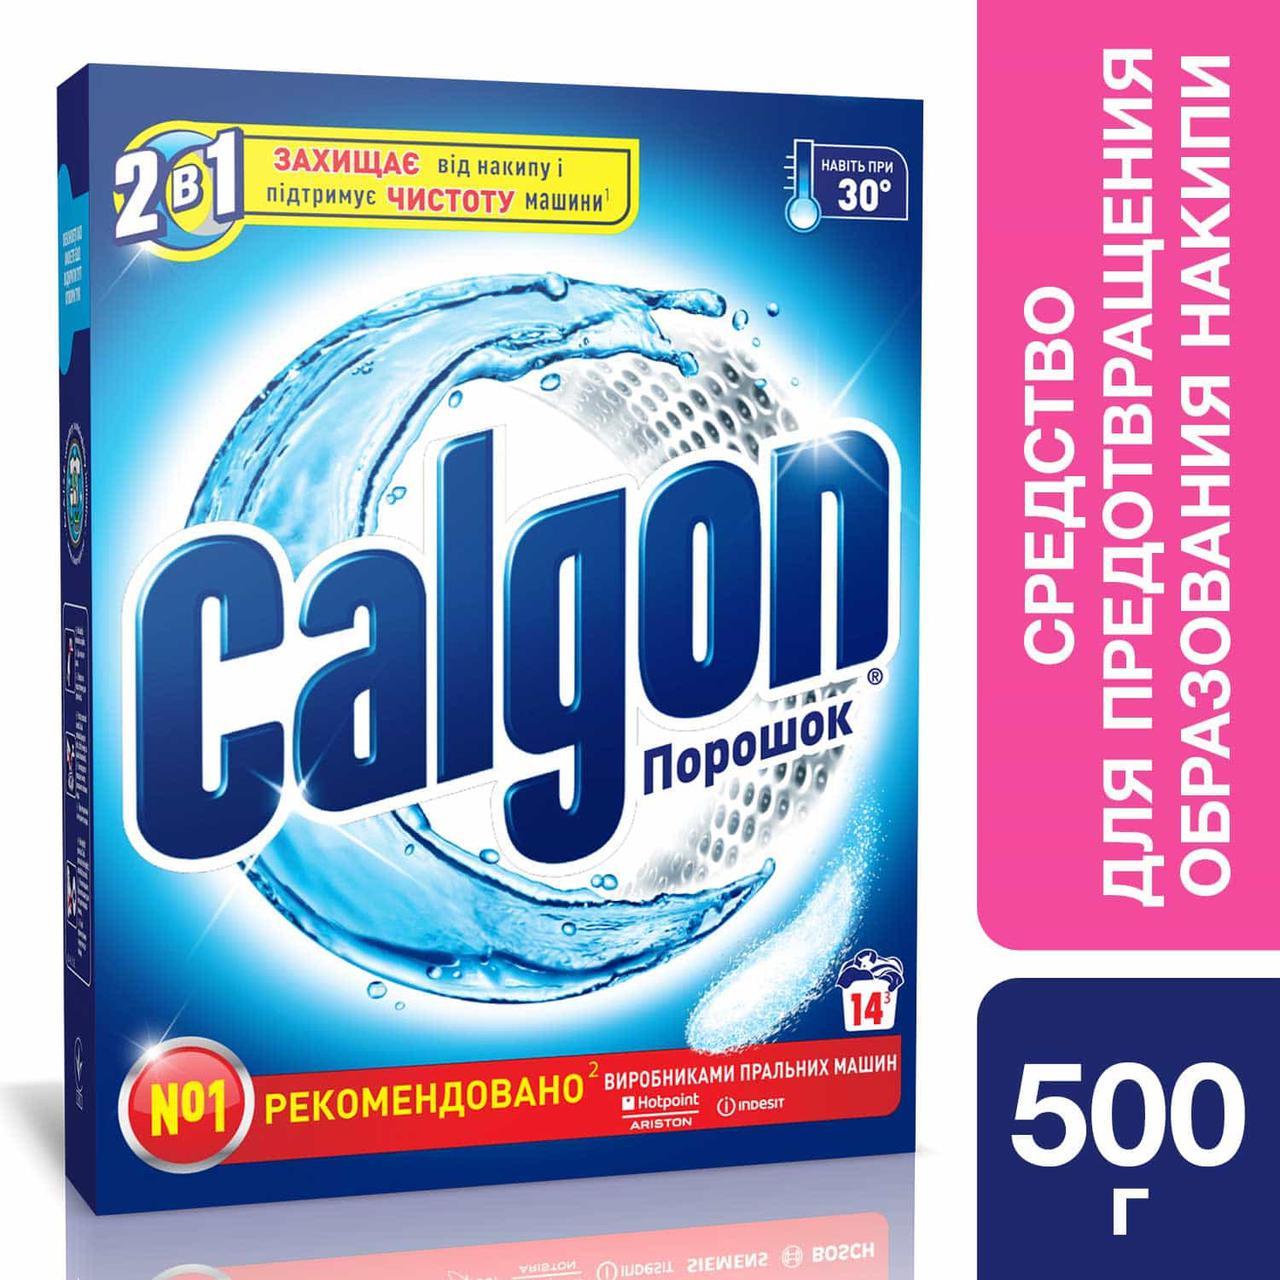 Средство для смягчения воды и предотвращения образования накипи в стиральных машинах Calgon 2 в 1 (2*500г)